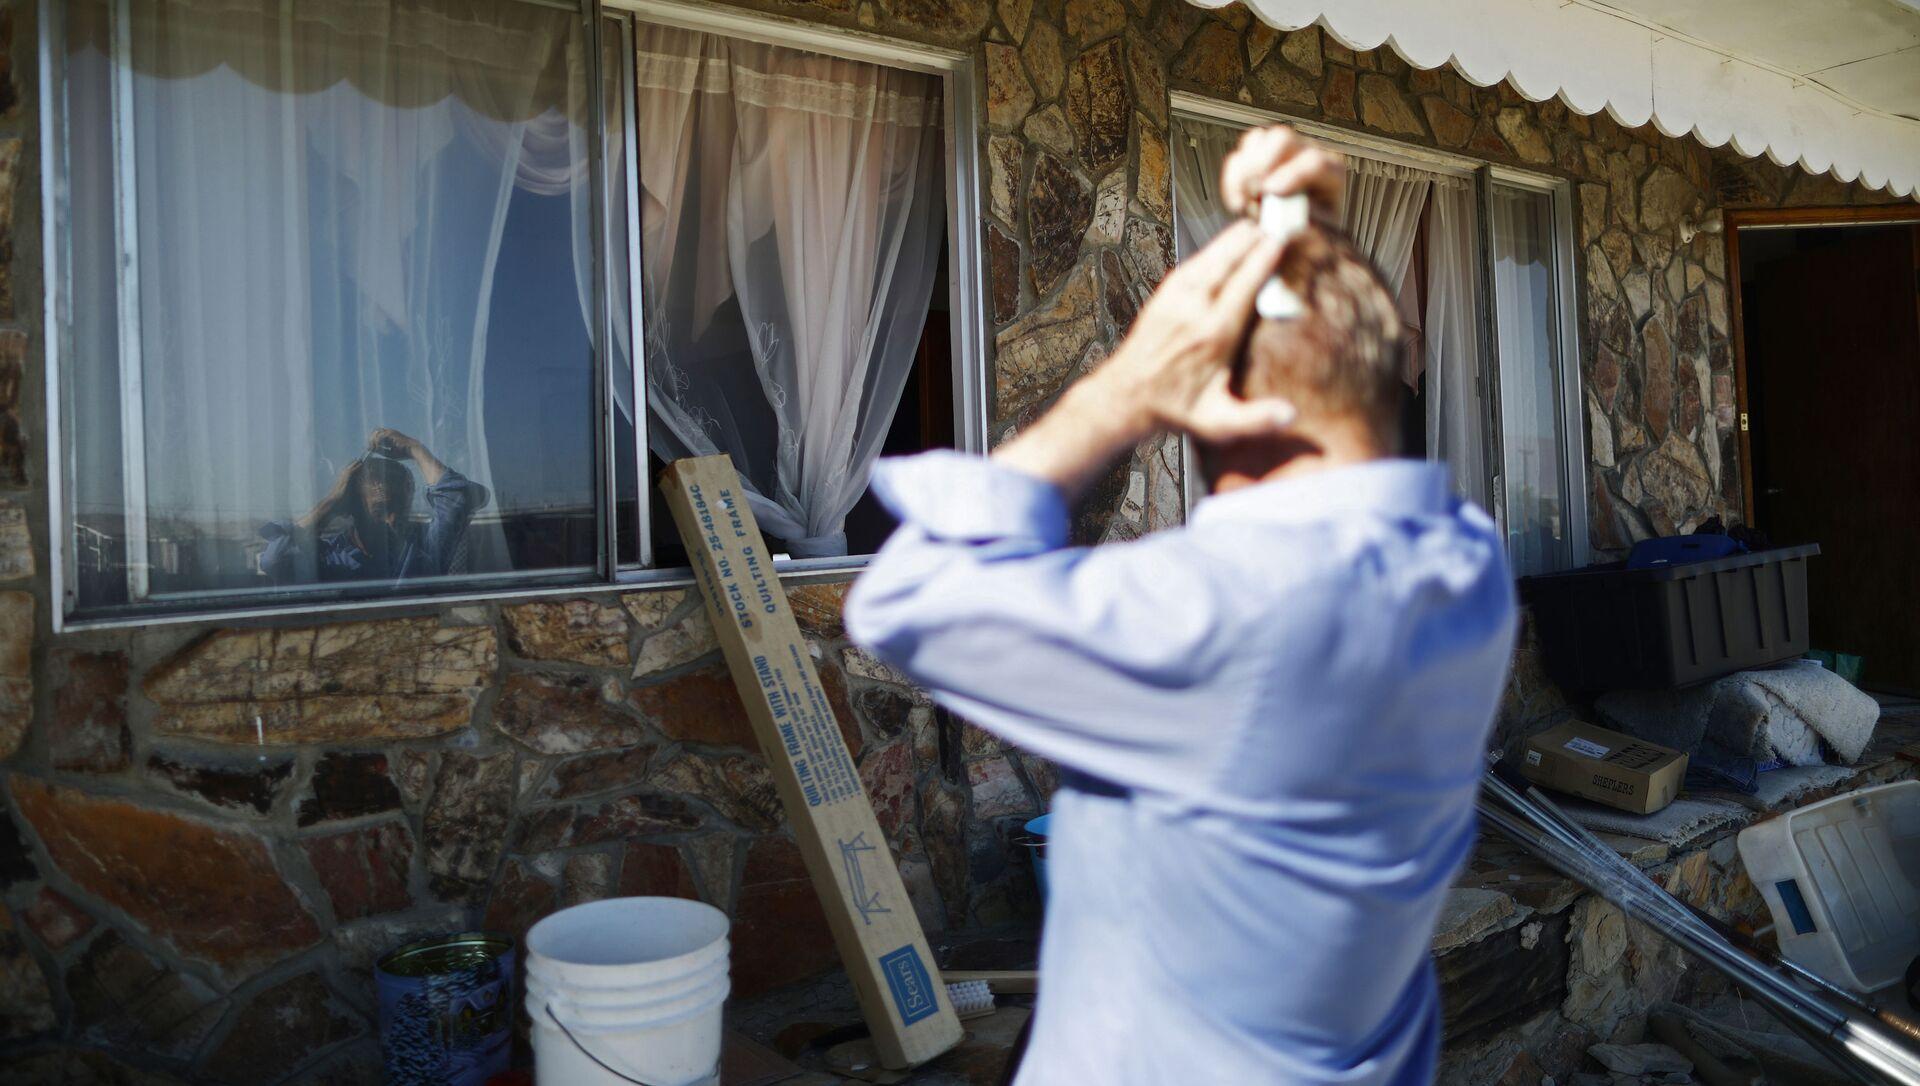 Мужчина расчесывает волосы, используя окно как зеркало, фото из архива - Sputnik Azərbaycan, 1920, 11.08.2021